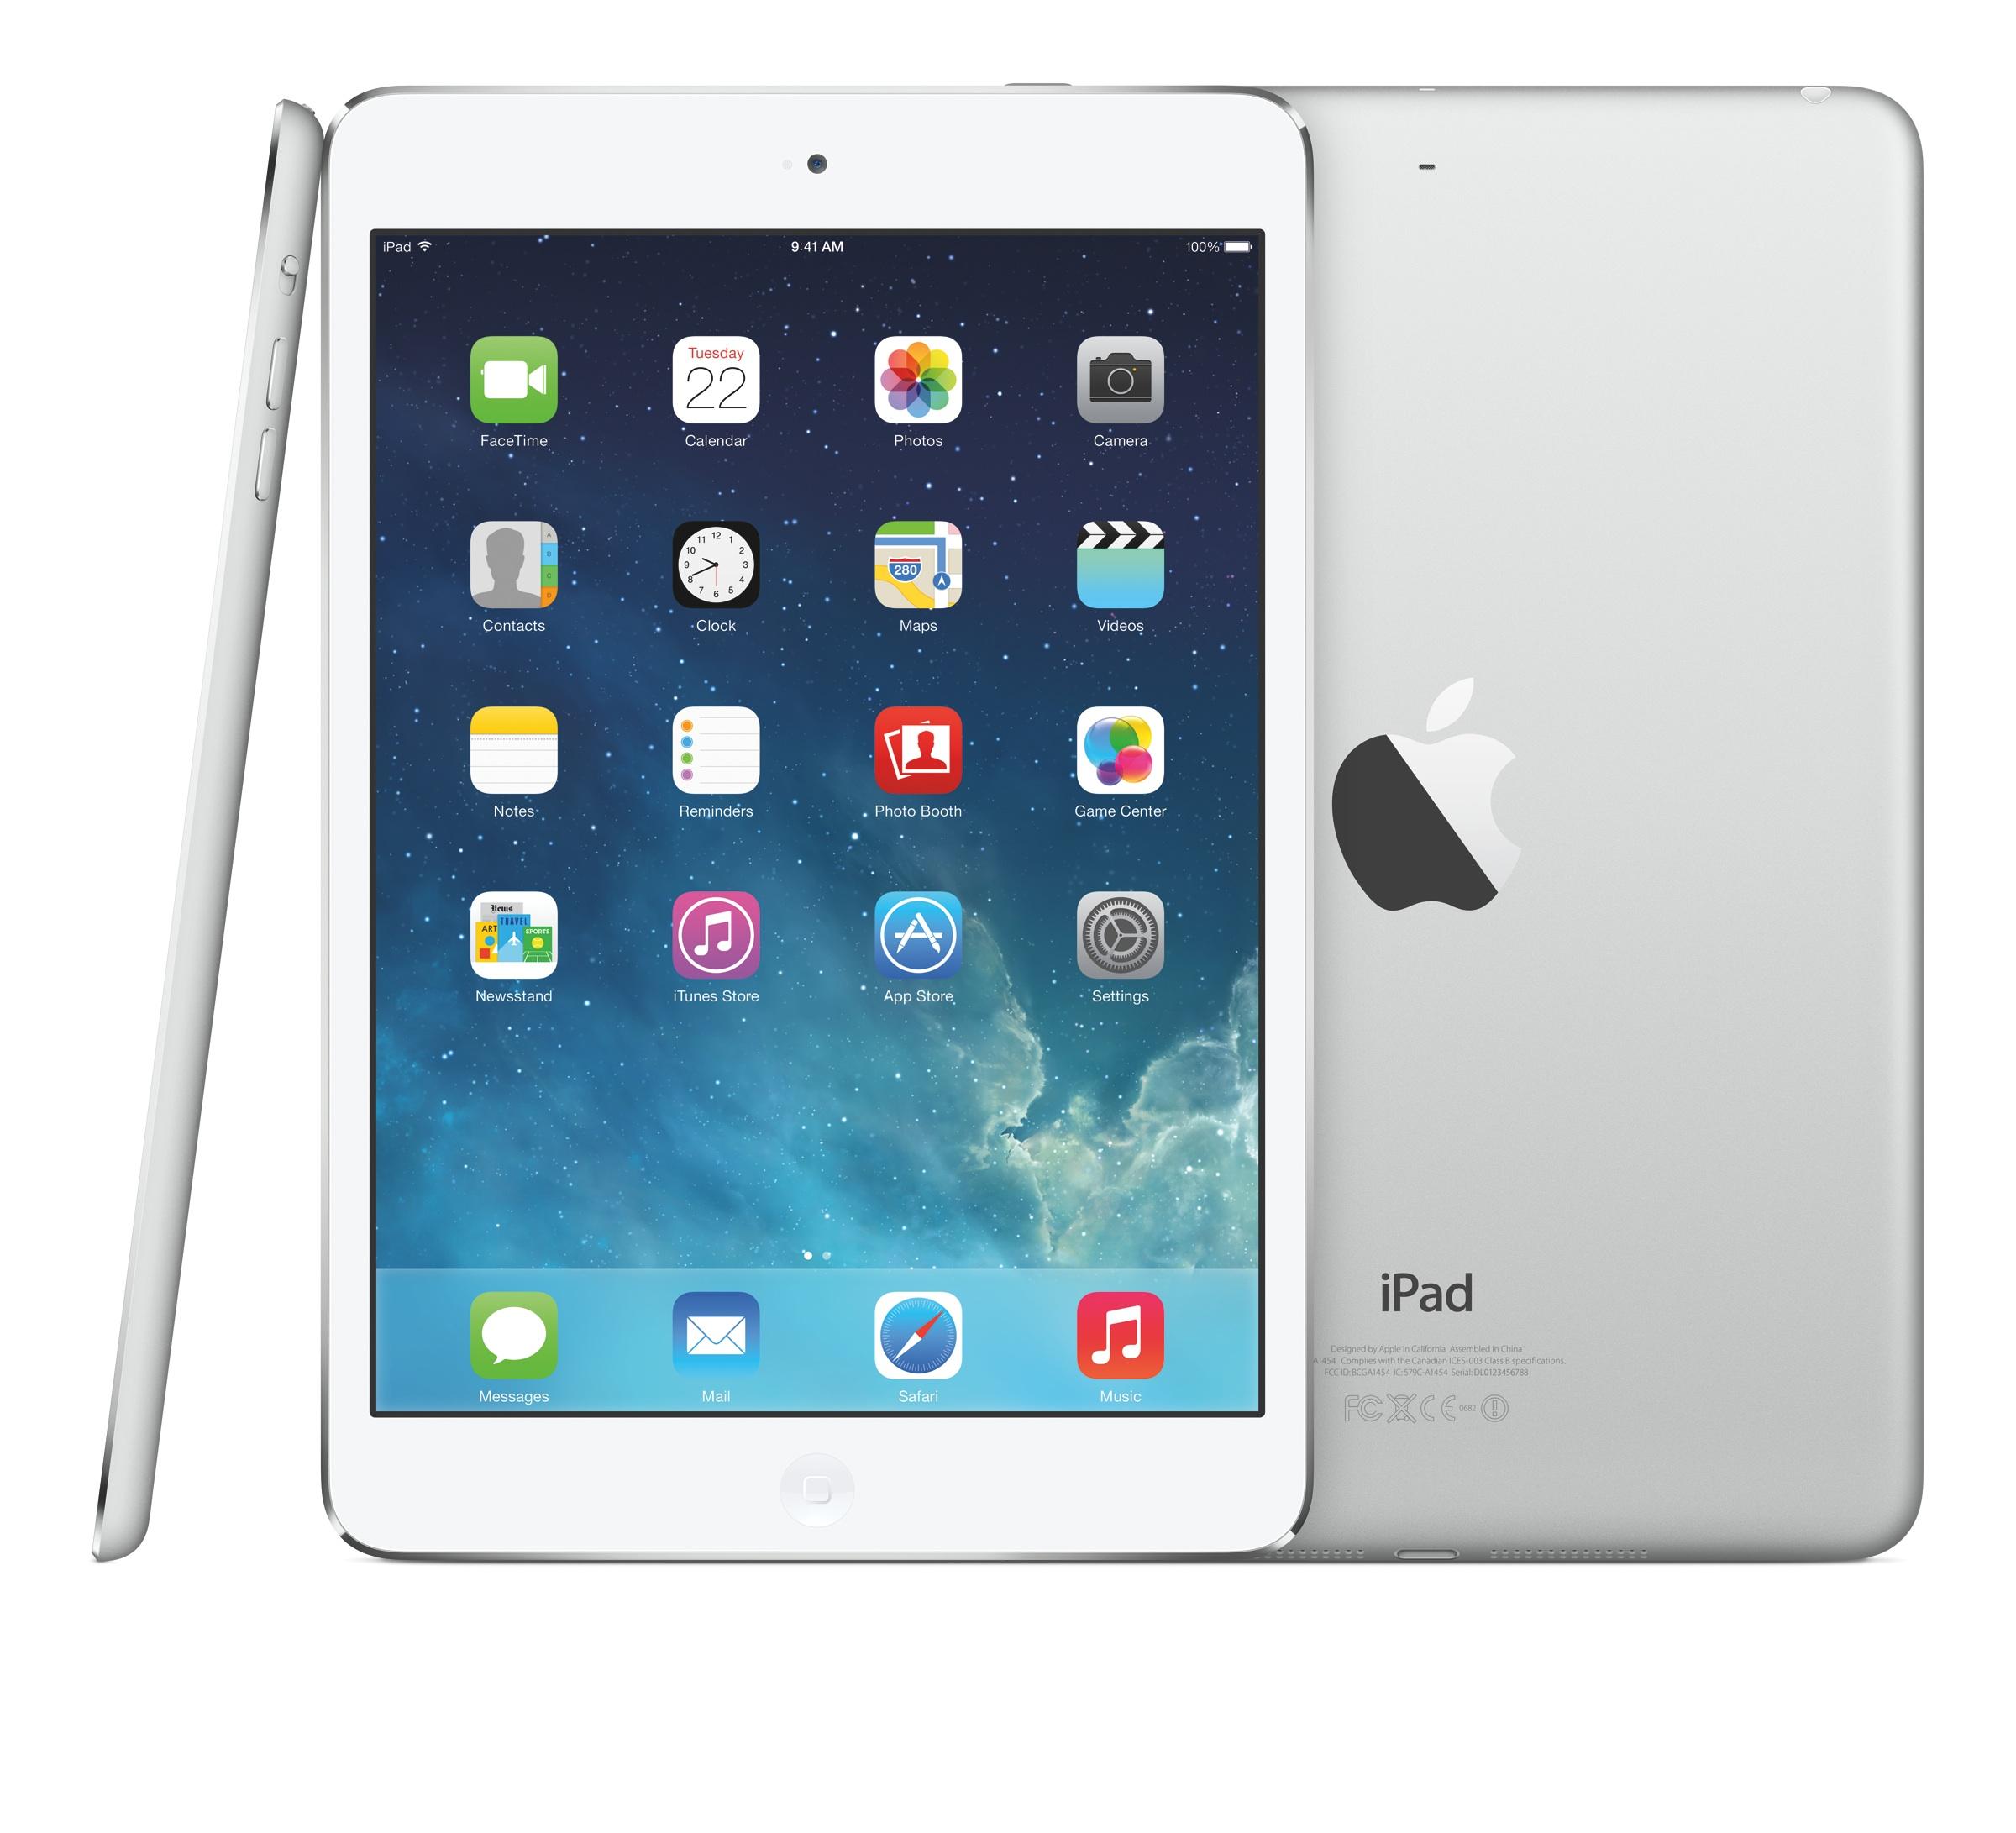 iPad mini Retinaは本当に私の相棒なのか